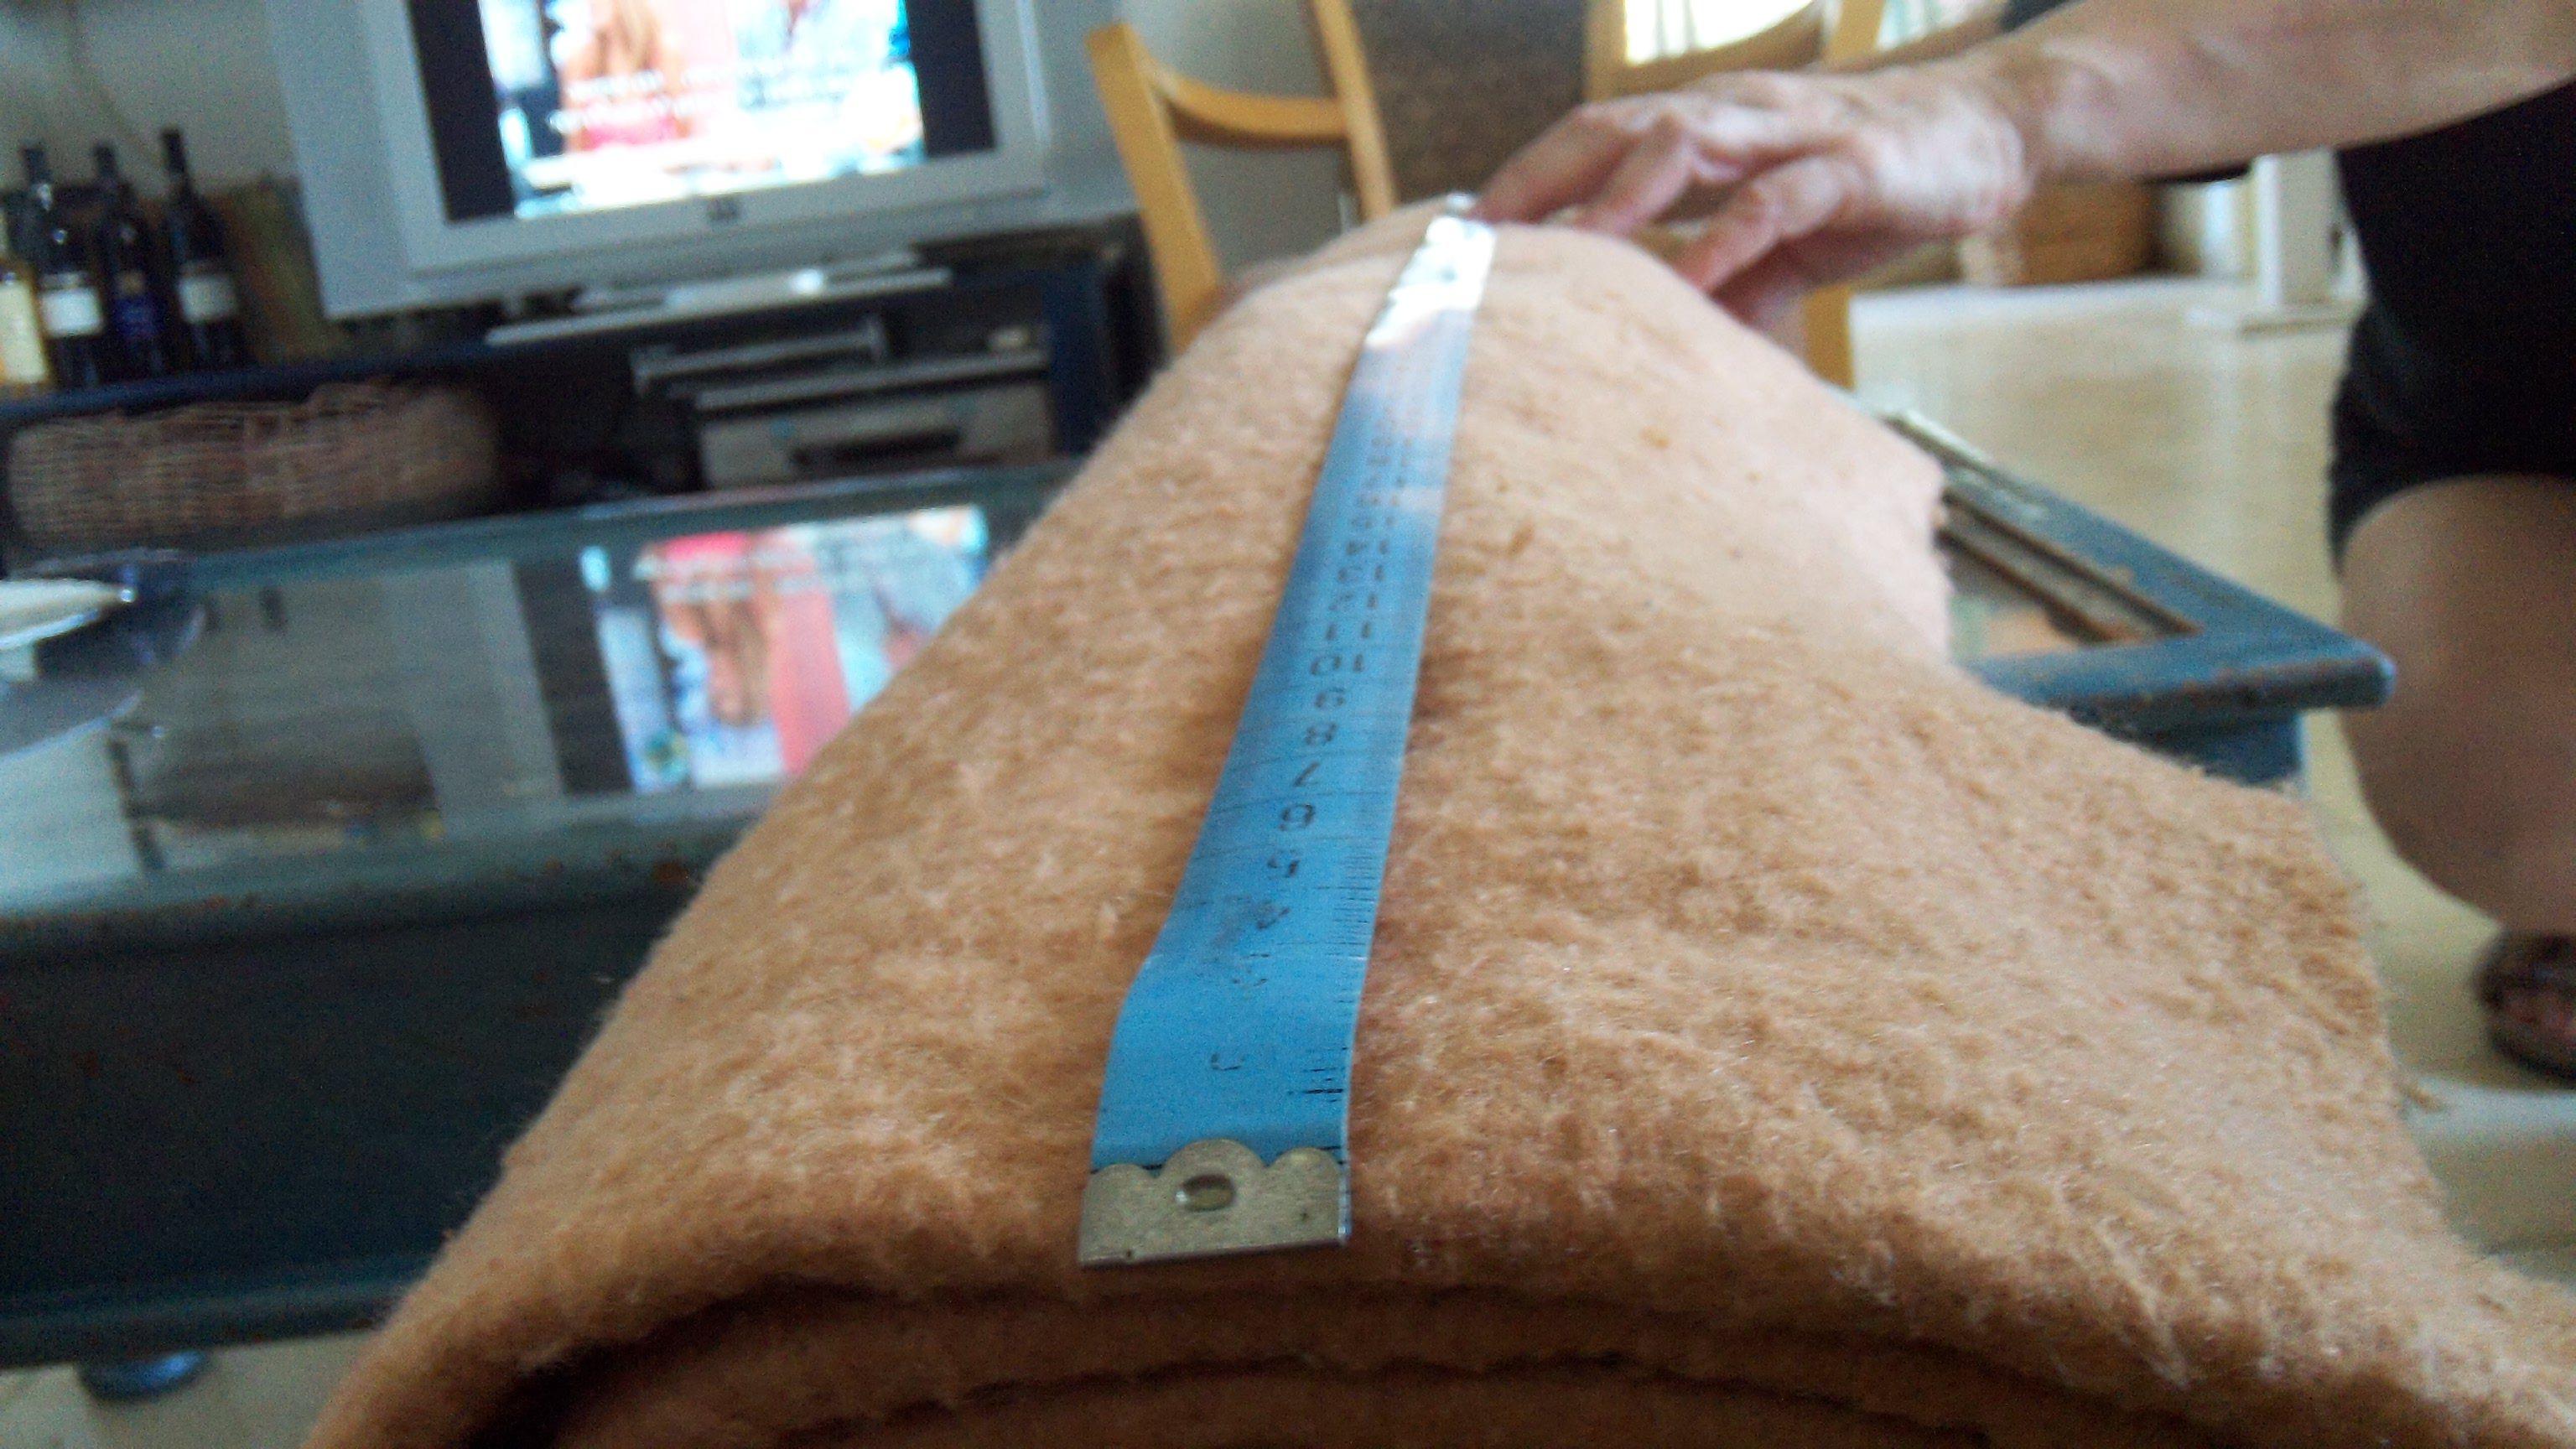 כך מודדים את אורך הגליל מקצה עד קצה